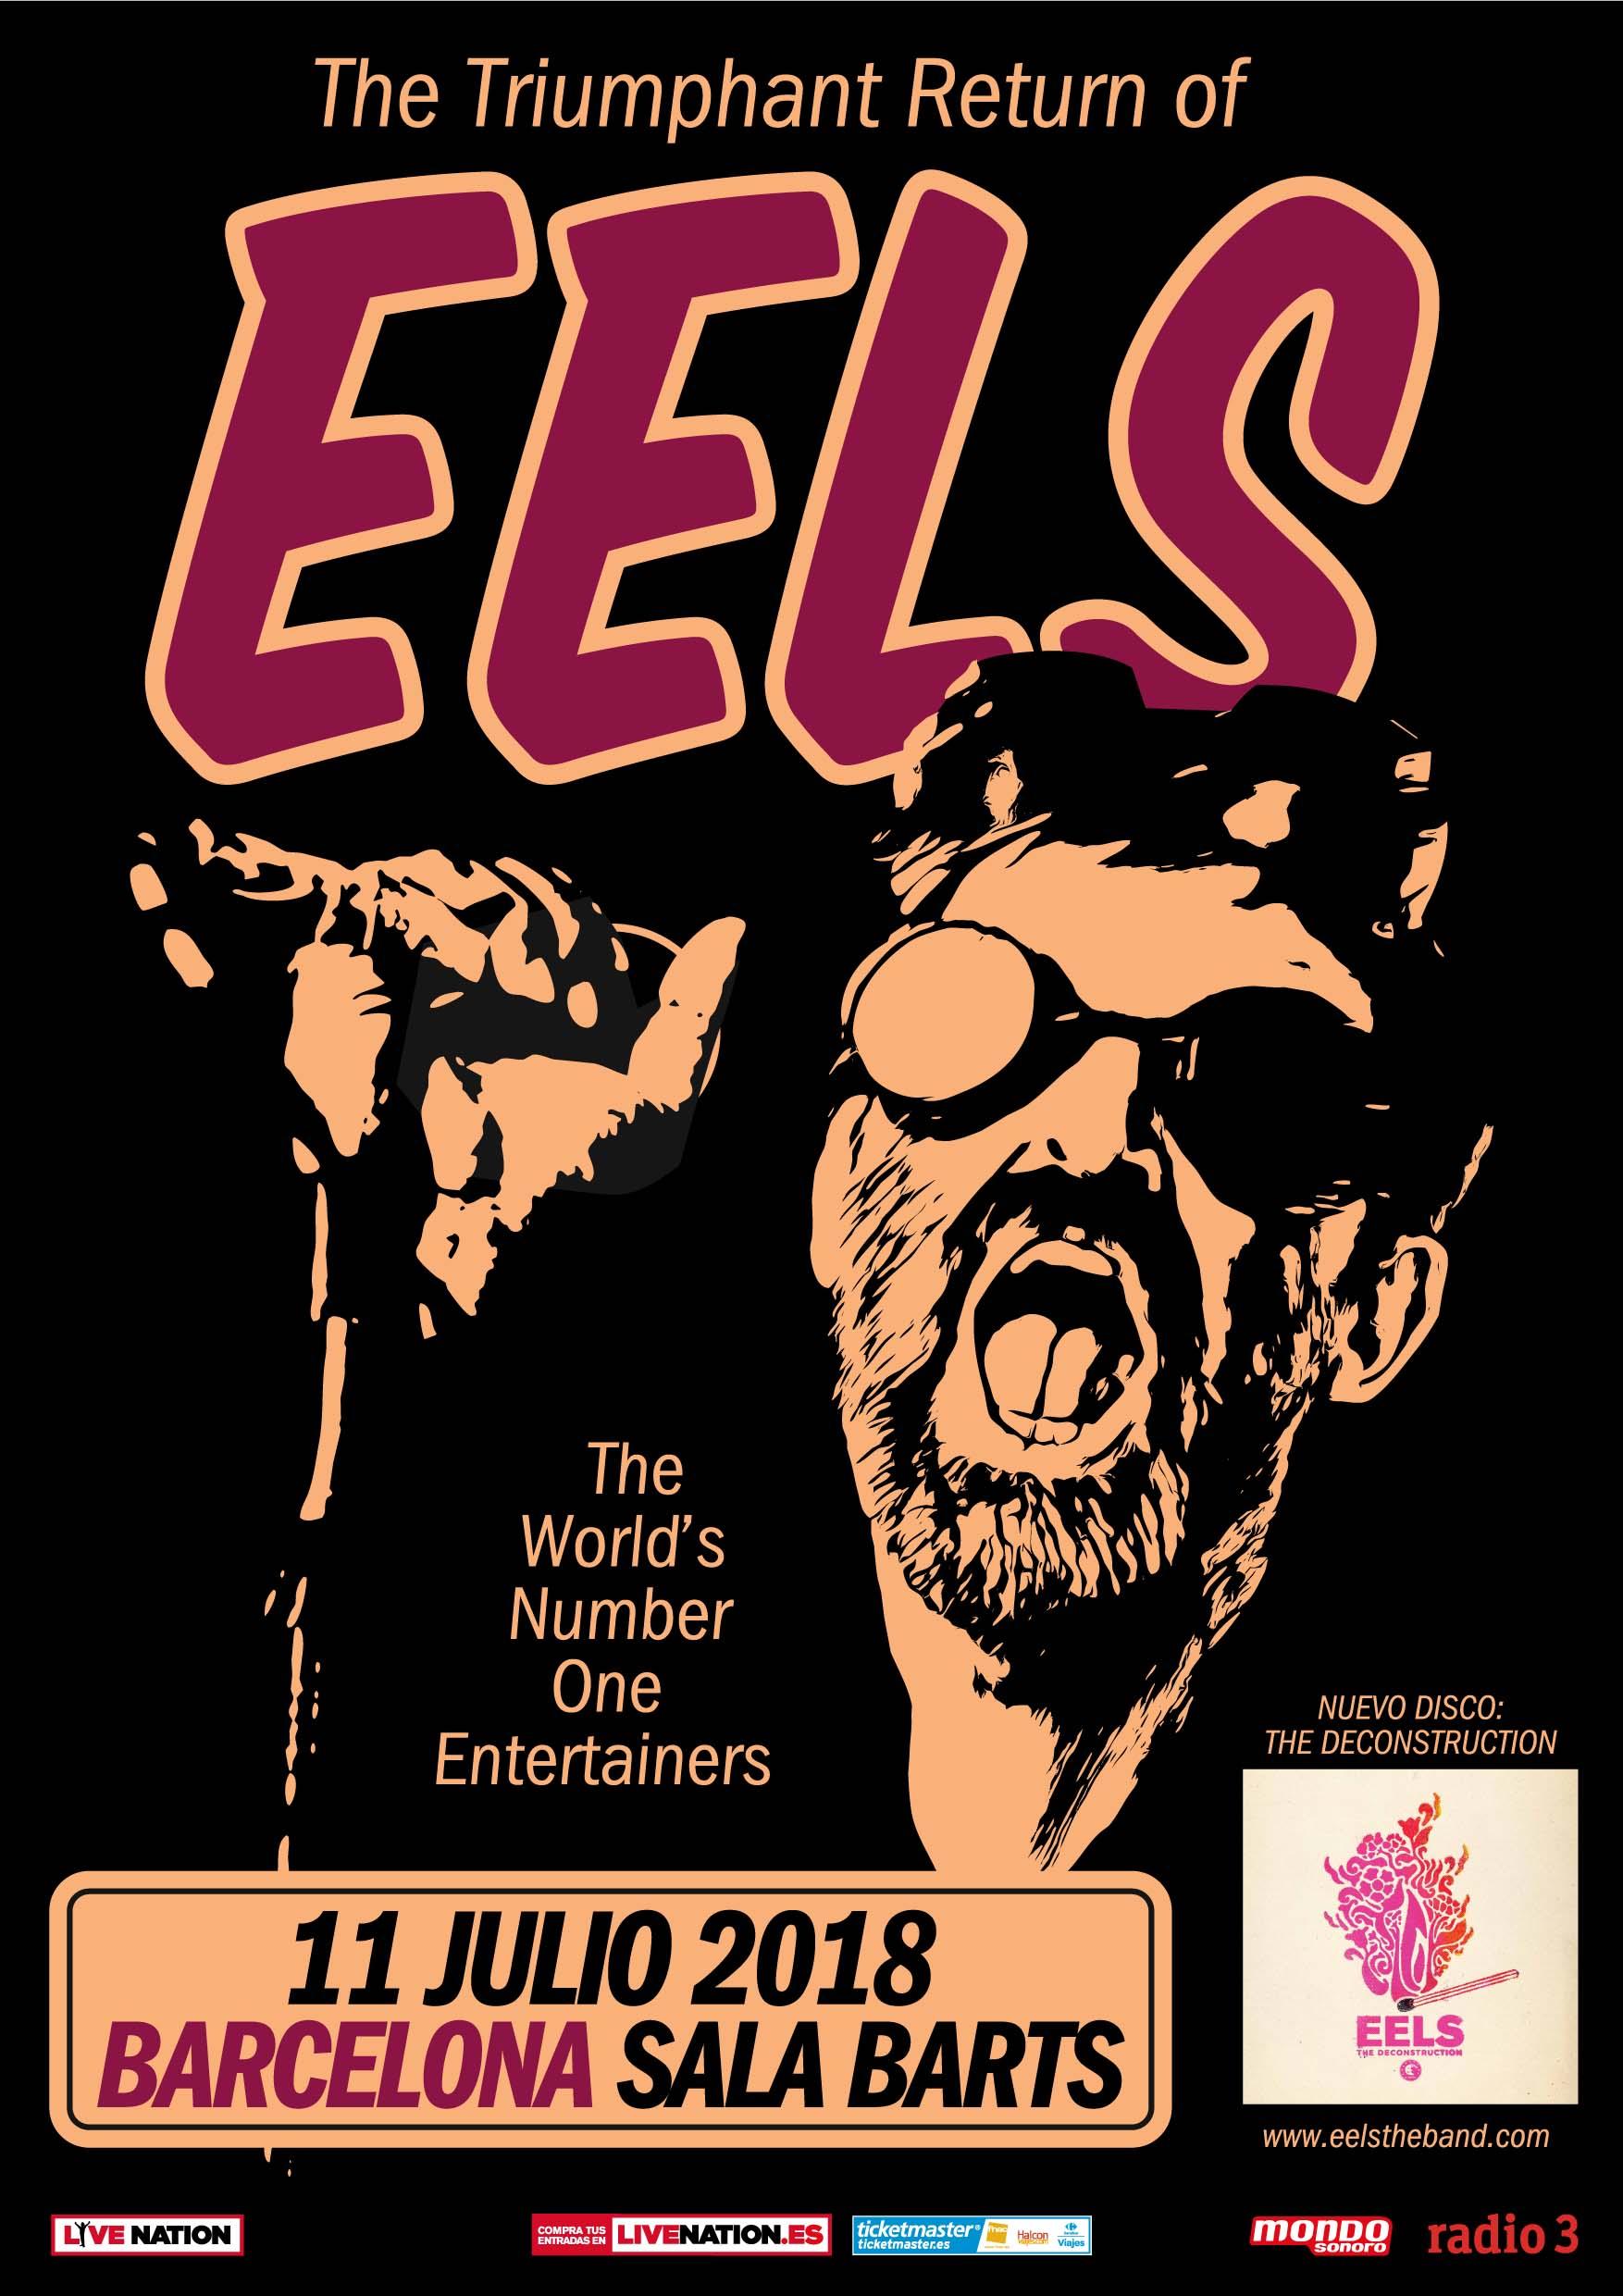 eels barcelona julio barts 2018